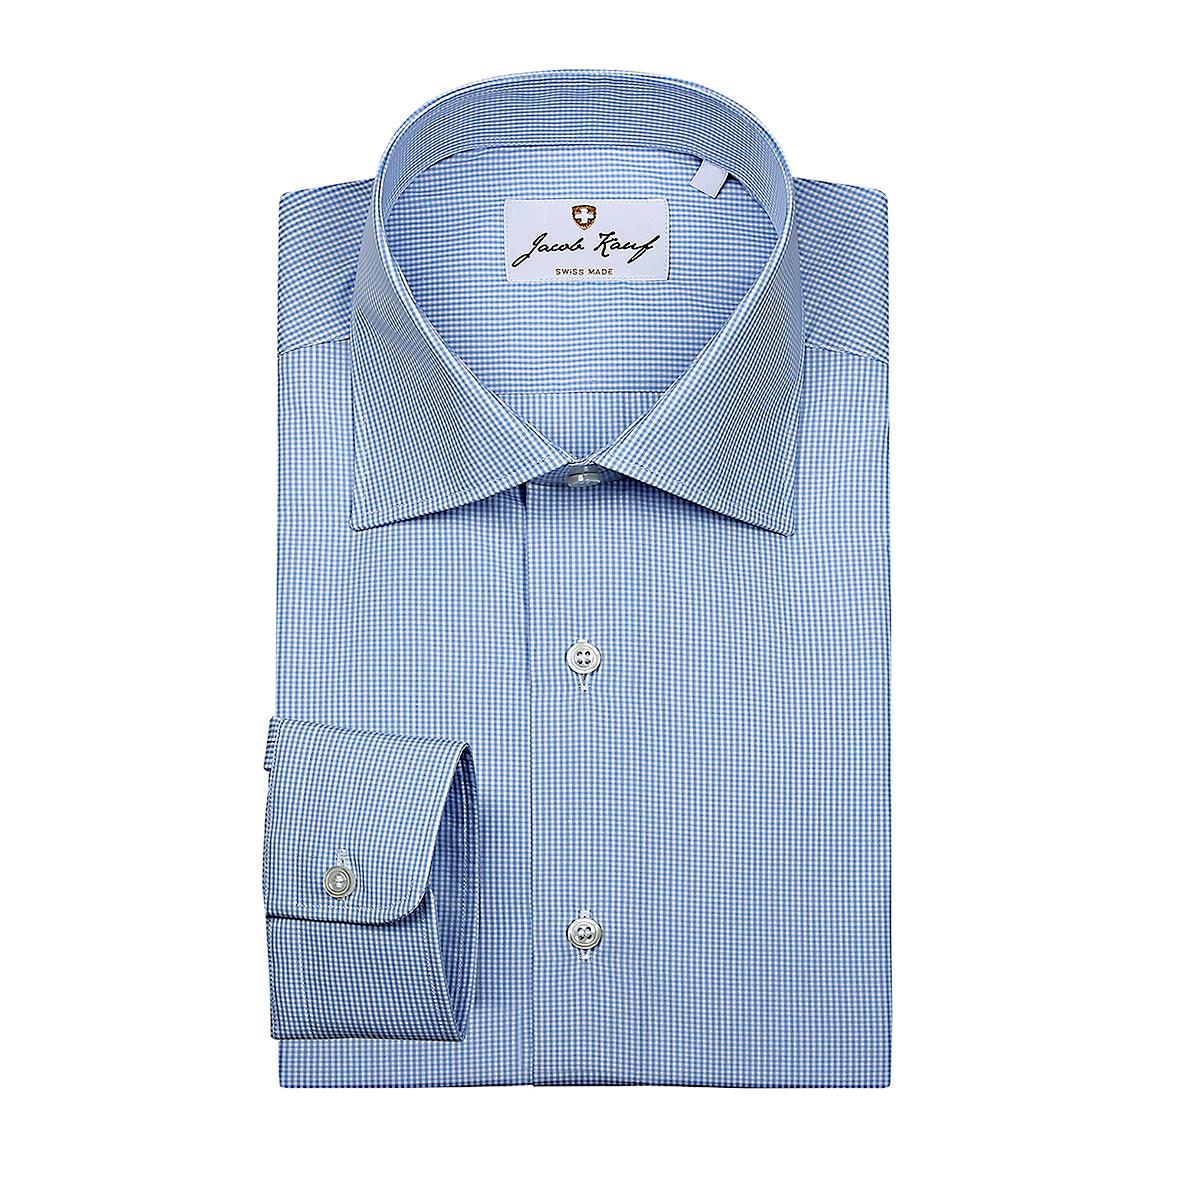 Fein kariertes Schweizer Hemd